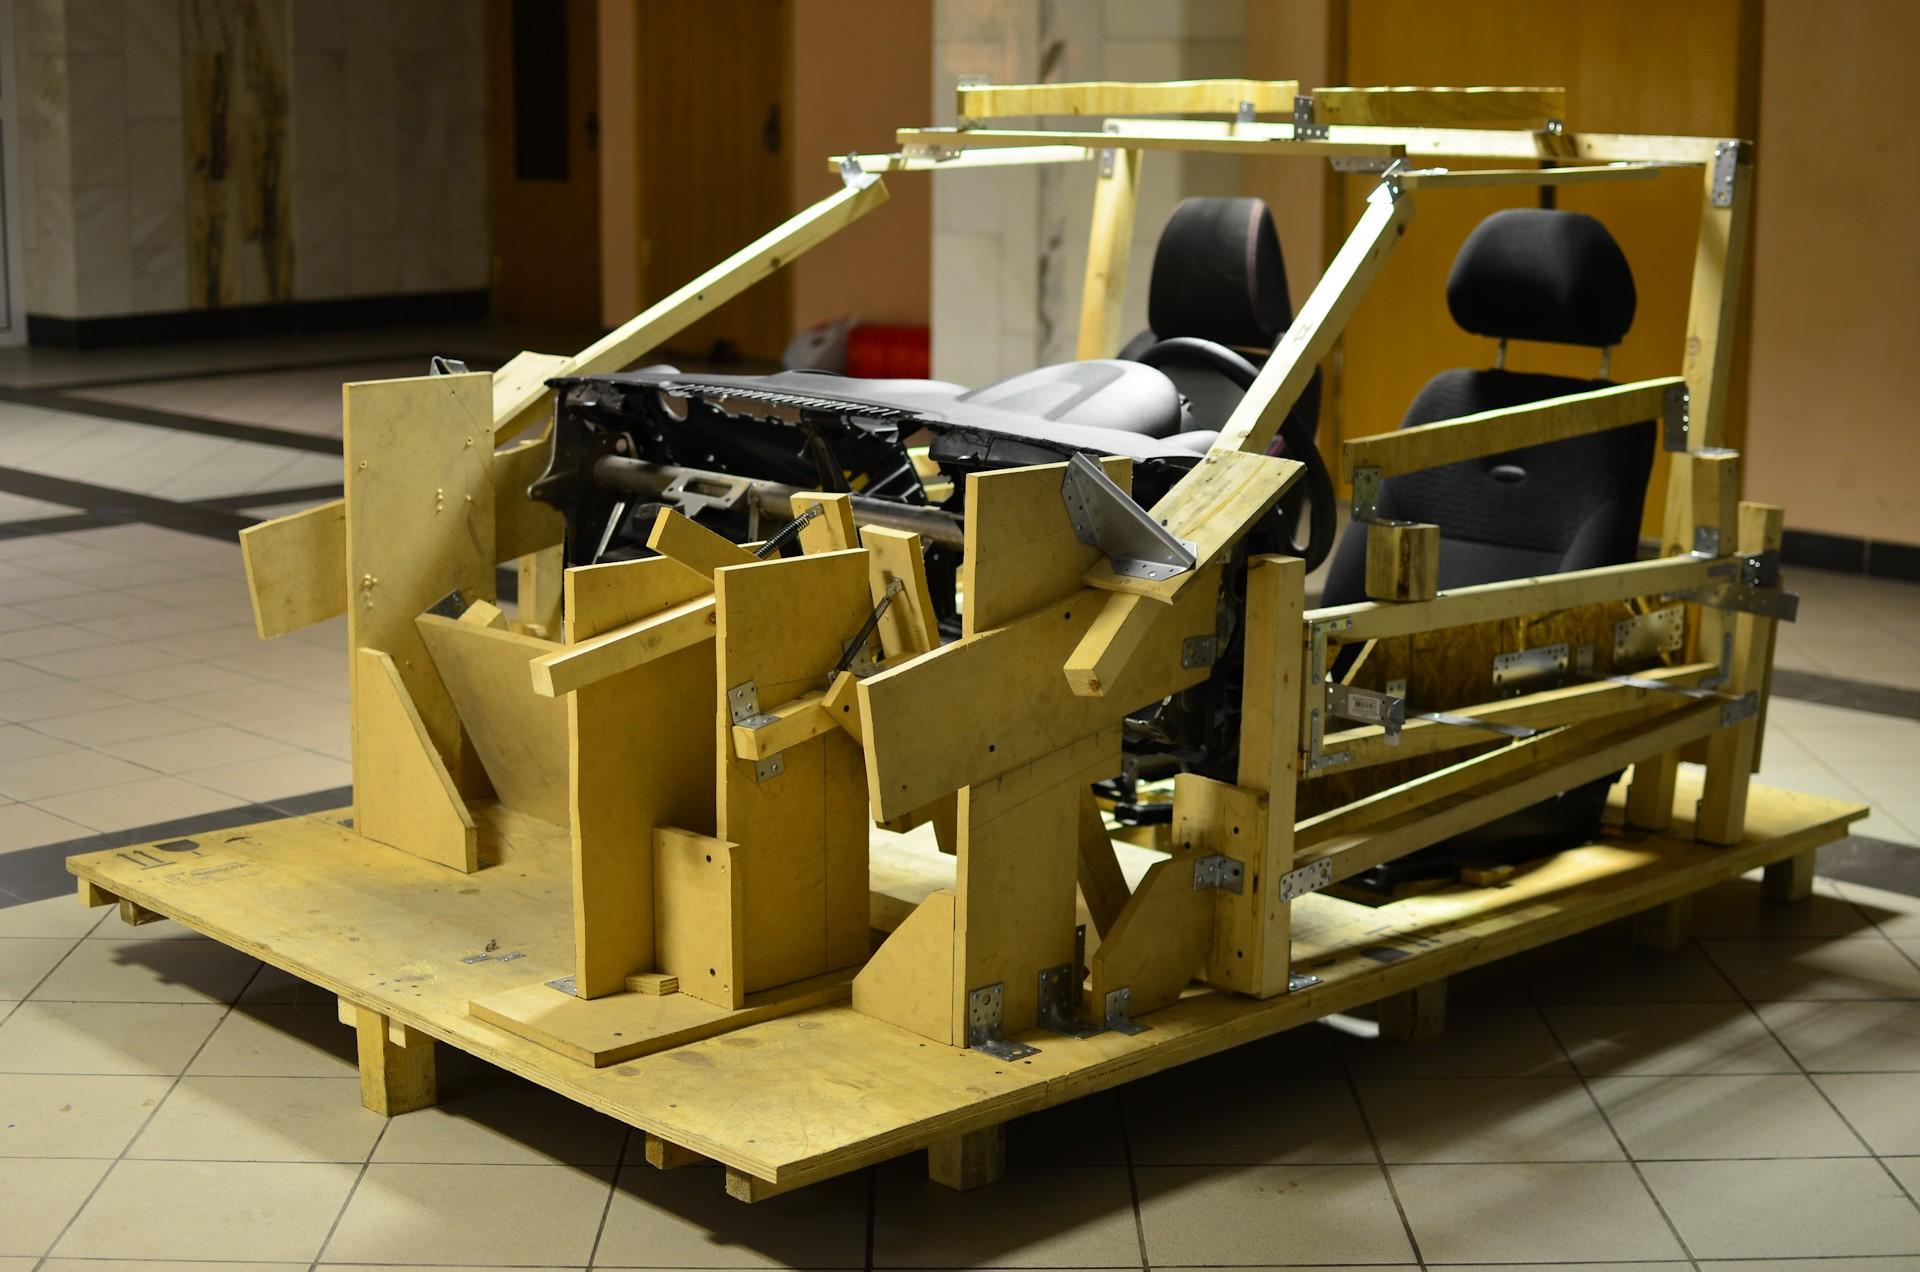 Одна из стадий постройки макета. Проверка посадки